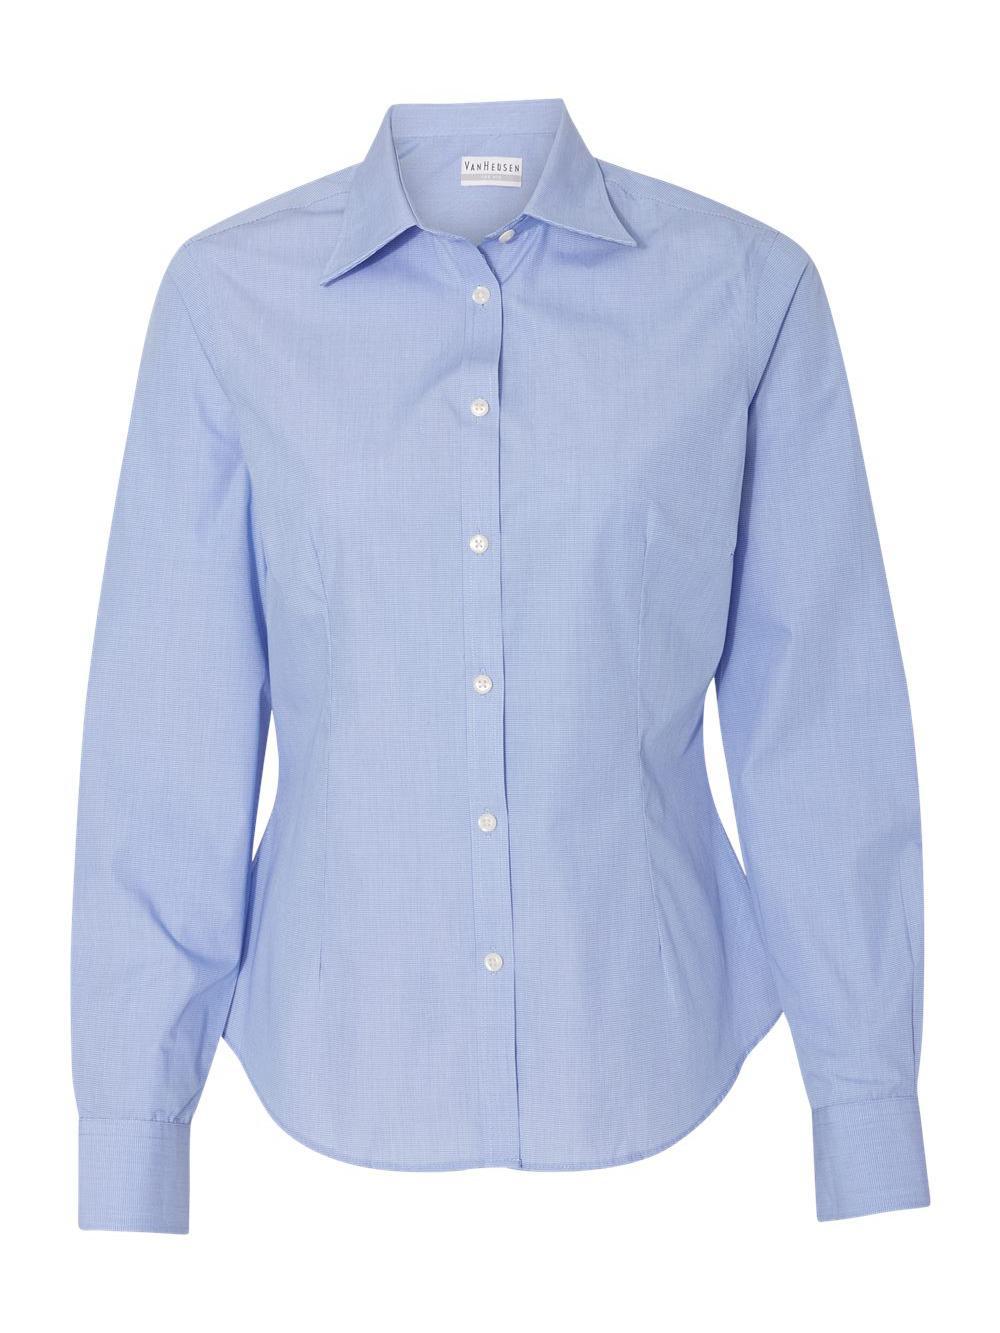 Van-Heusen-Women-039-s-Yarn-Dyed-Mini-Check-Long-Sleeve-Shirt-13V0427 thumbnail 6